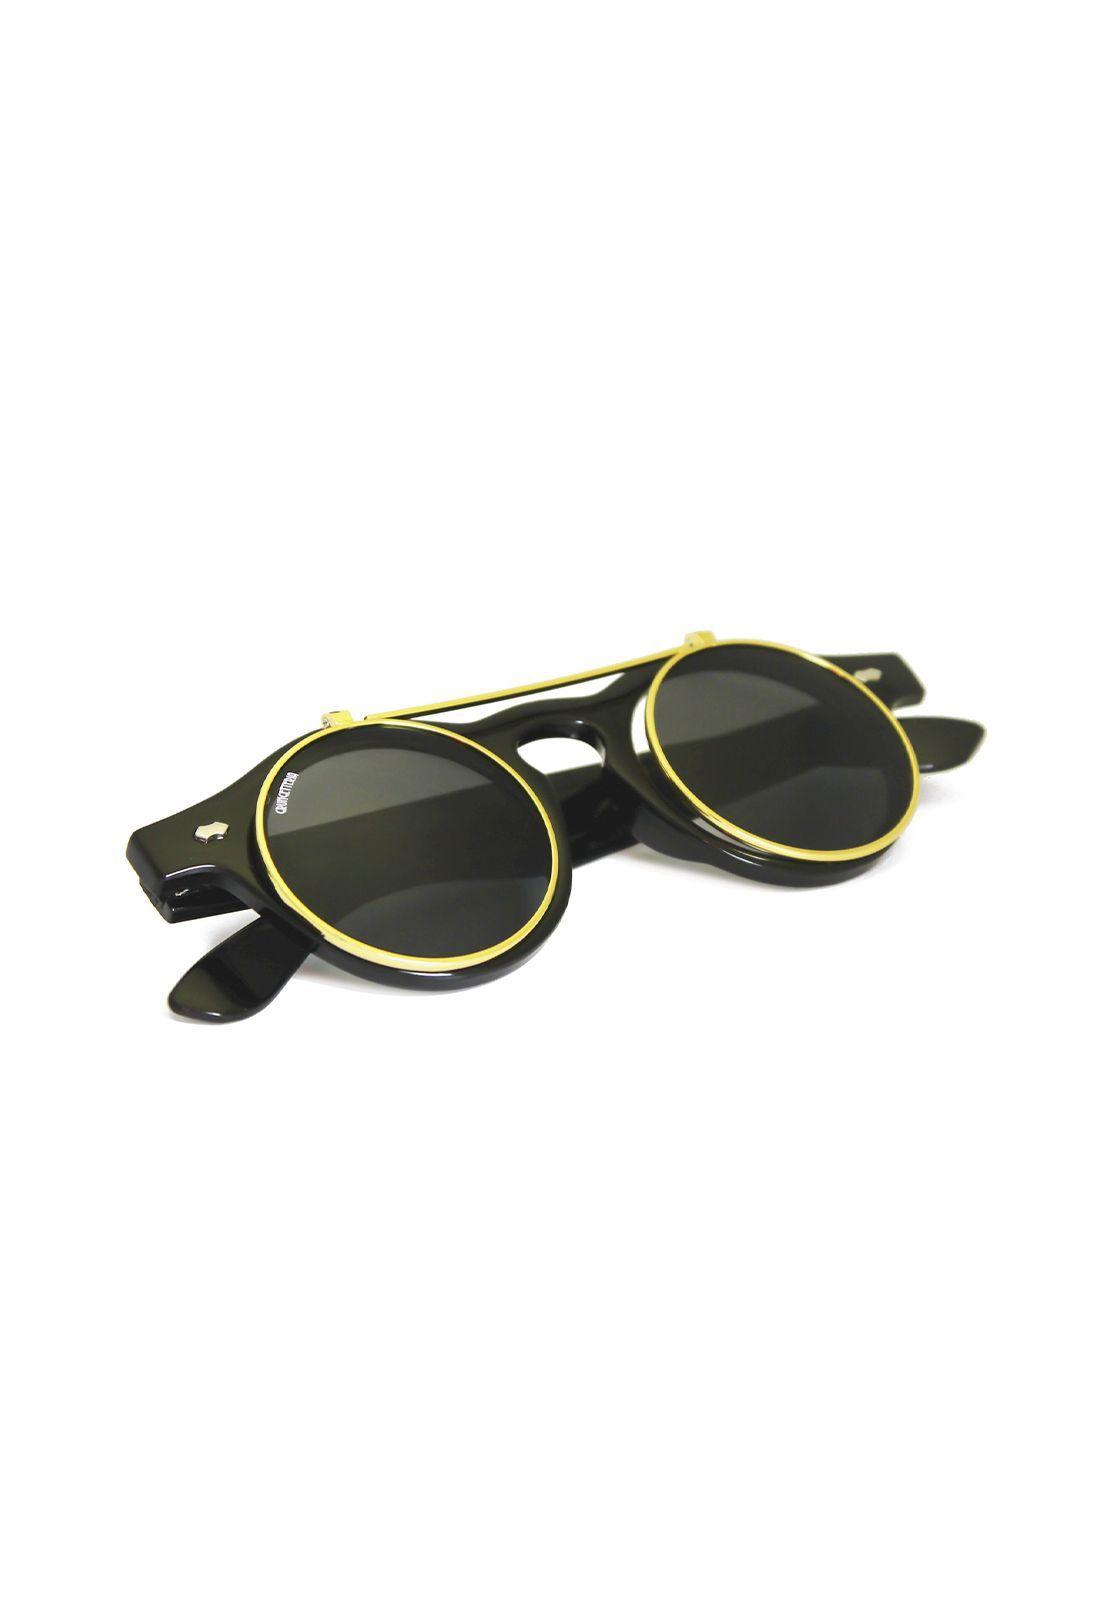 Óculos de Sol Grungetteria Sherlock Vinil